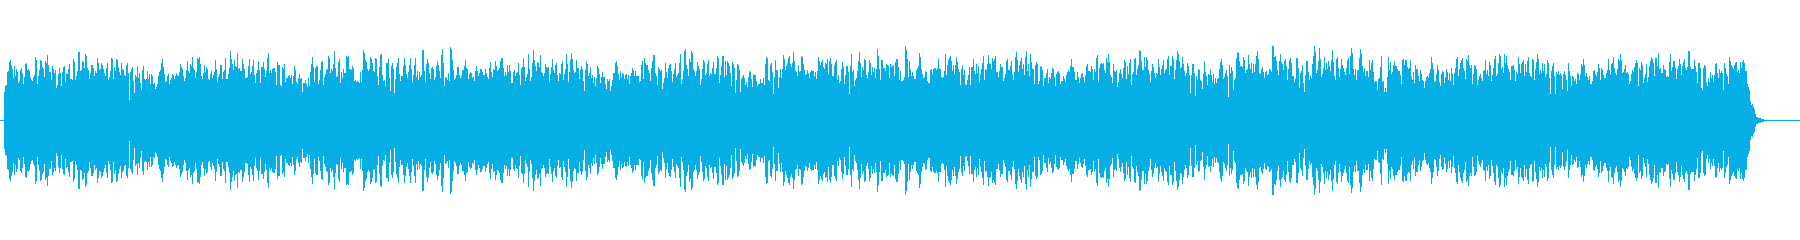 近未来的なスローなメロディポップスの再生済みの波形